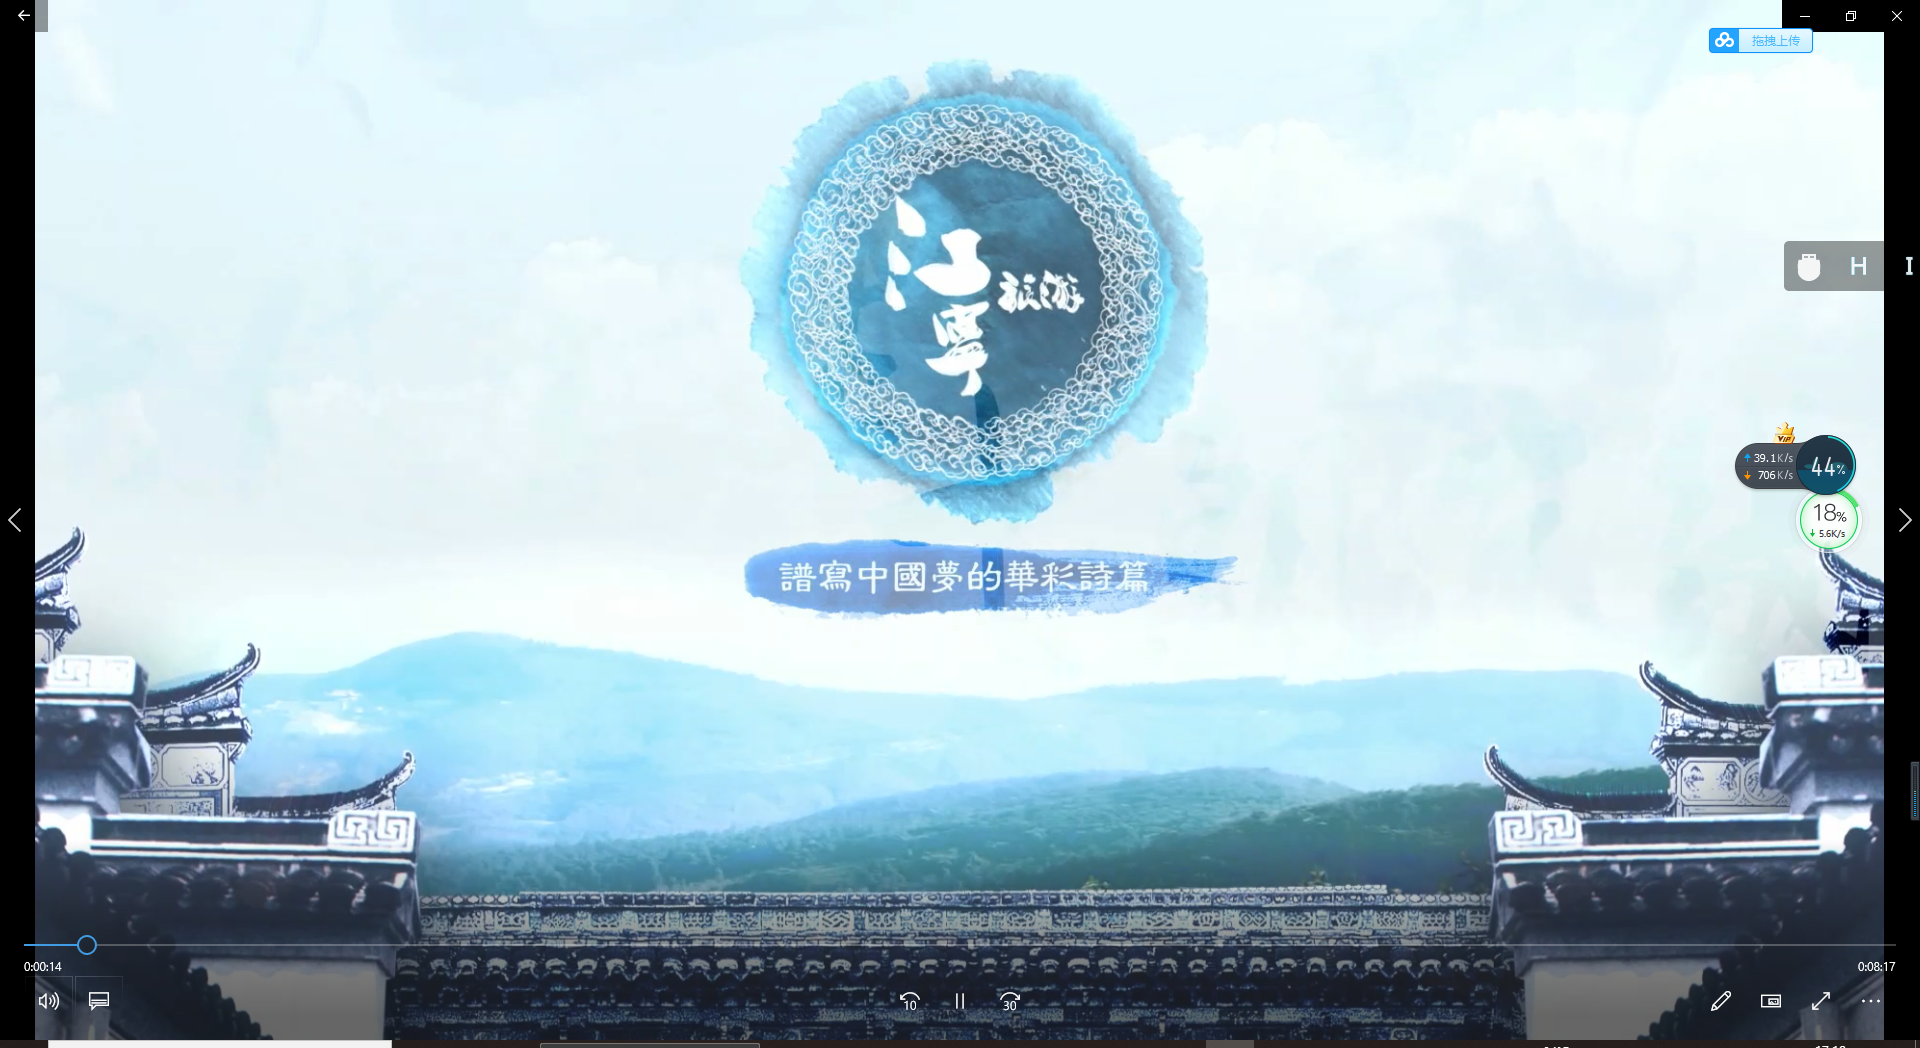 正宗视频策划_视频培训机构相关-南京伴渡文化传媒有限公司